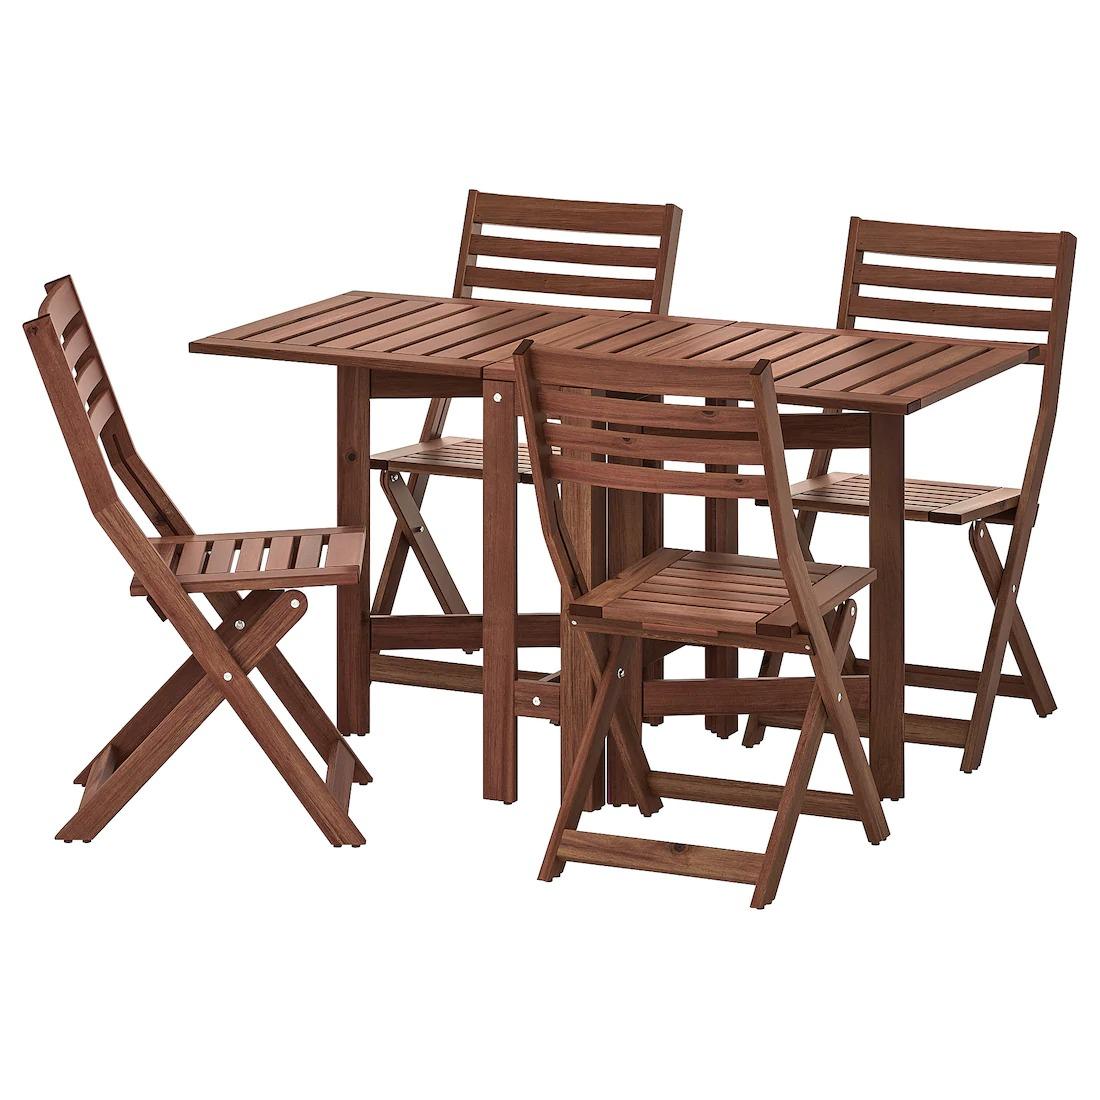 Ikea ダイニング テーブル セット